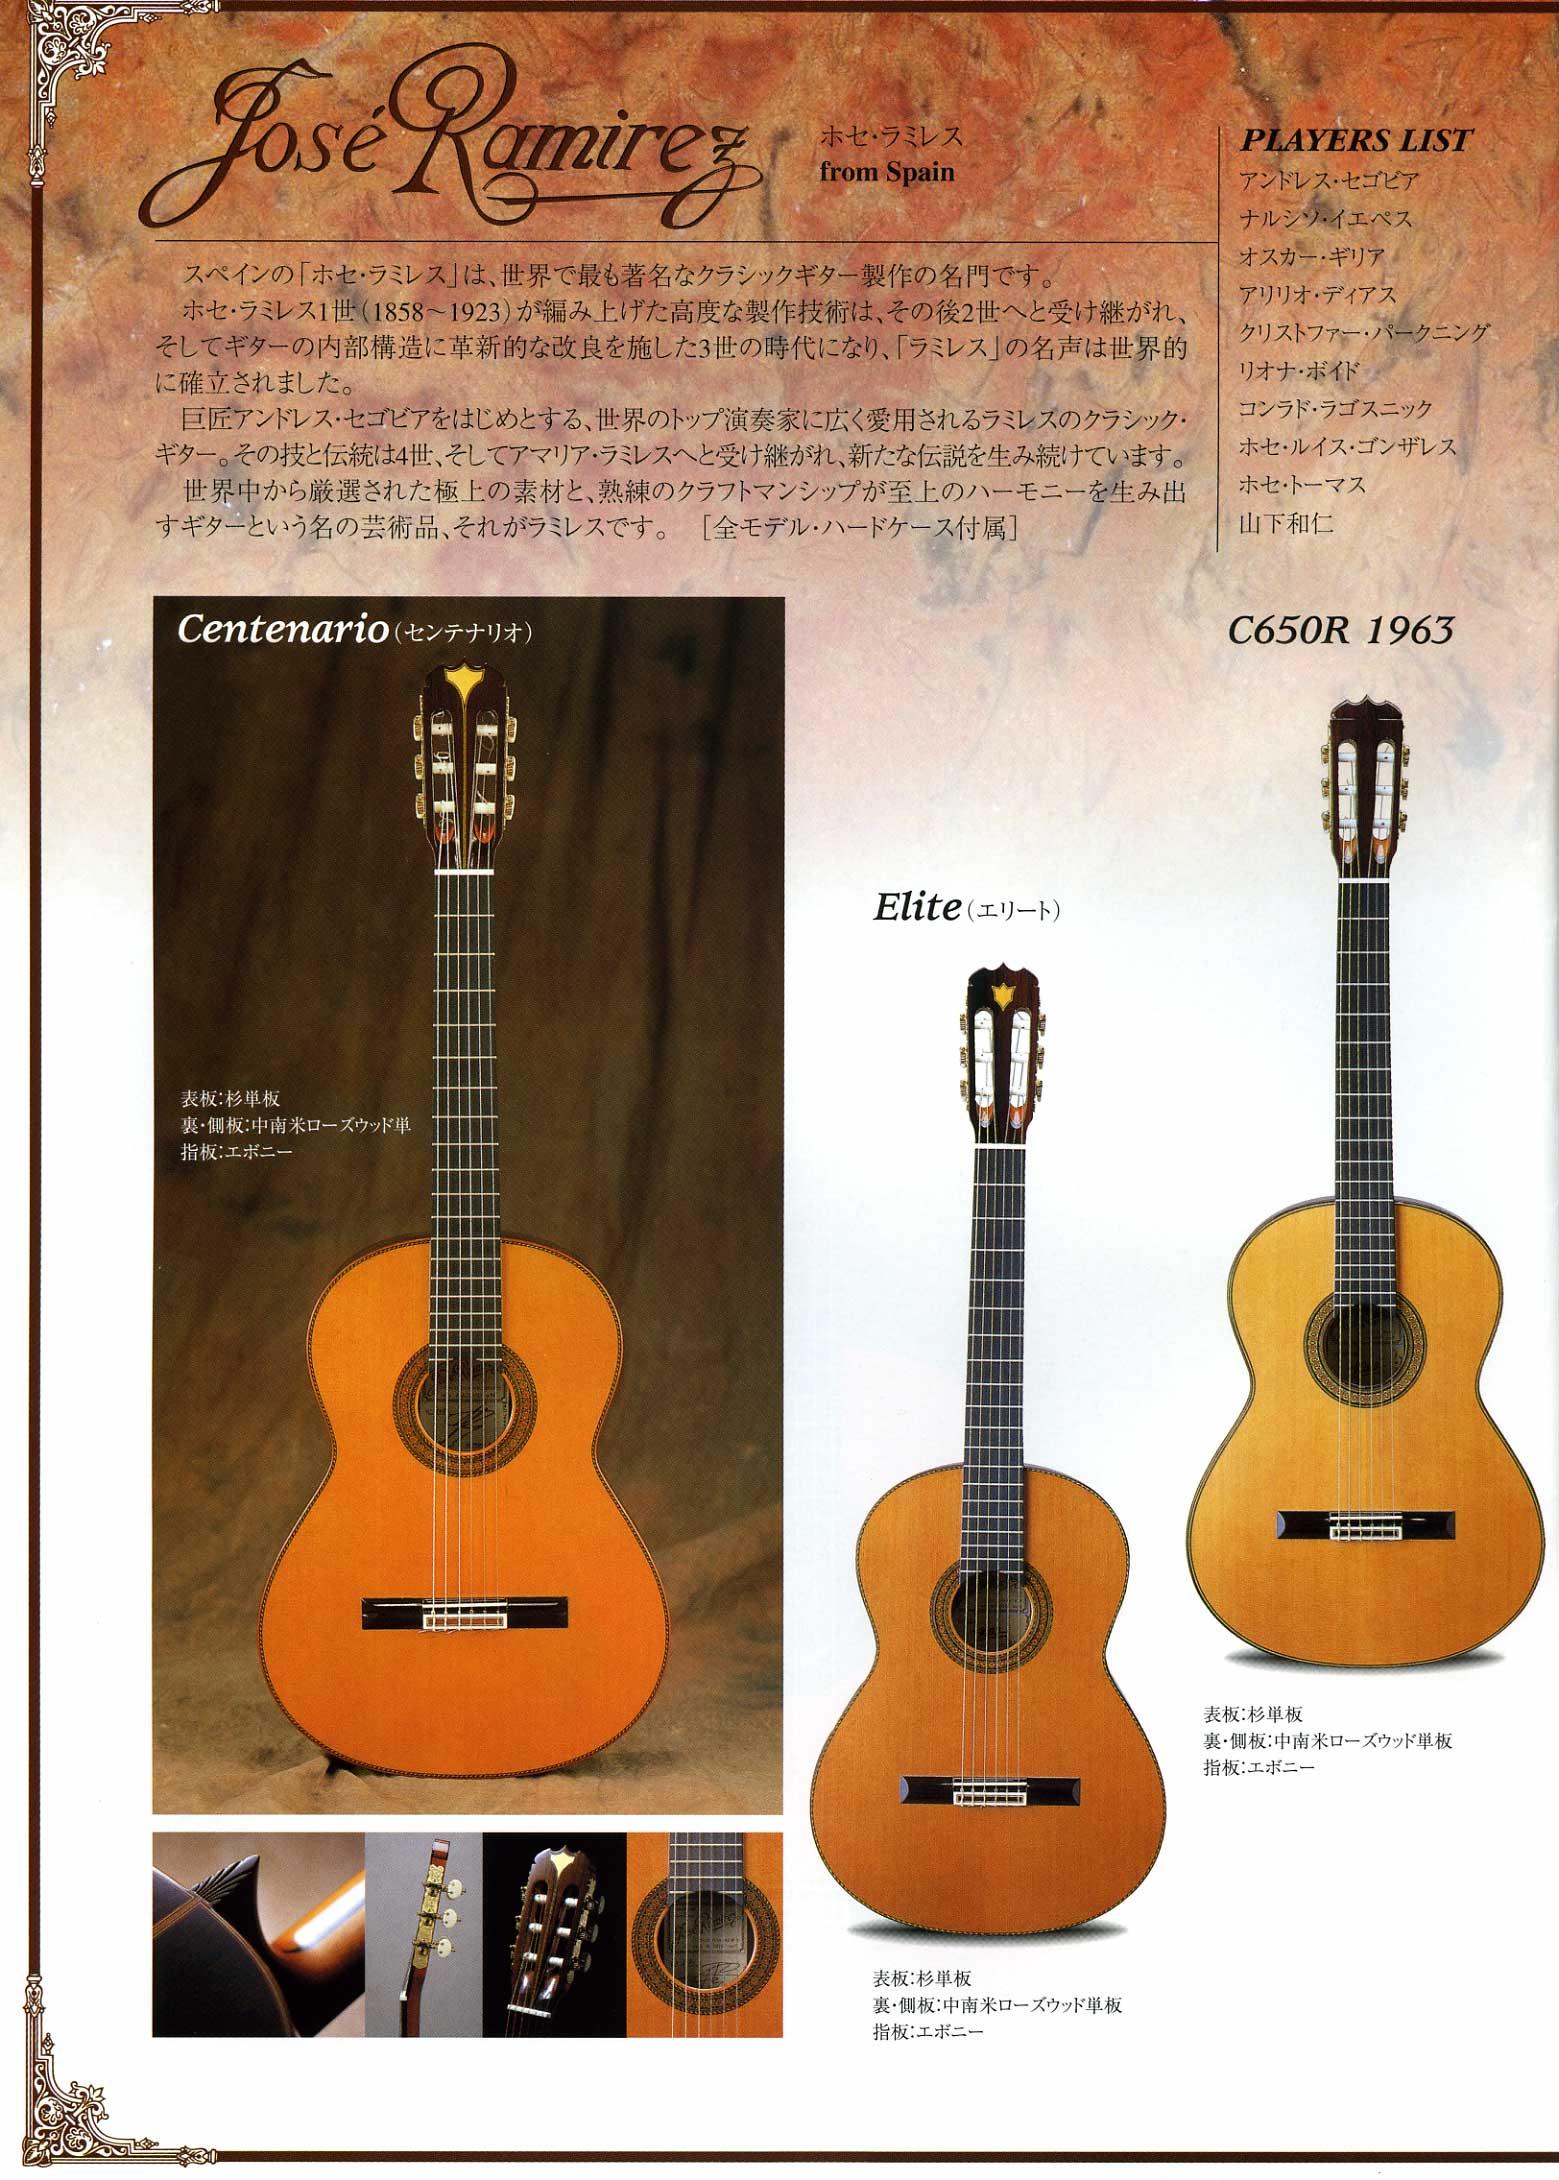 「ギター ホセ・ラミレス」の画像検索結果